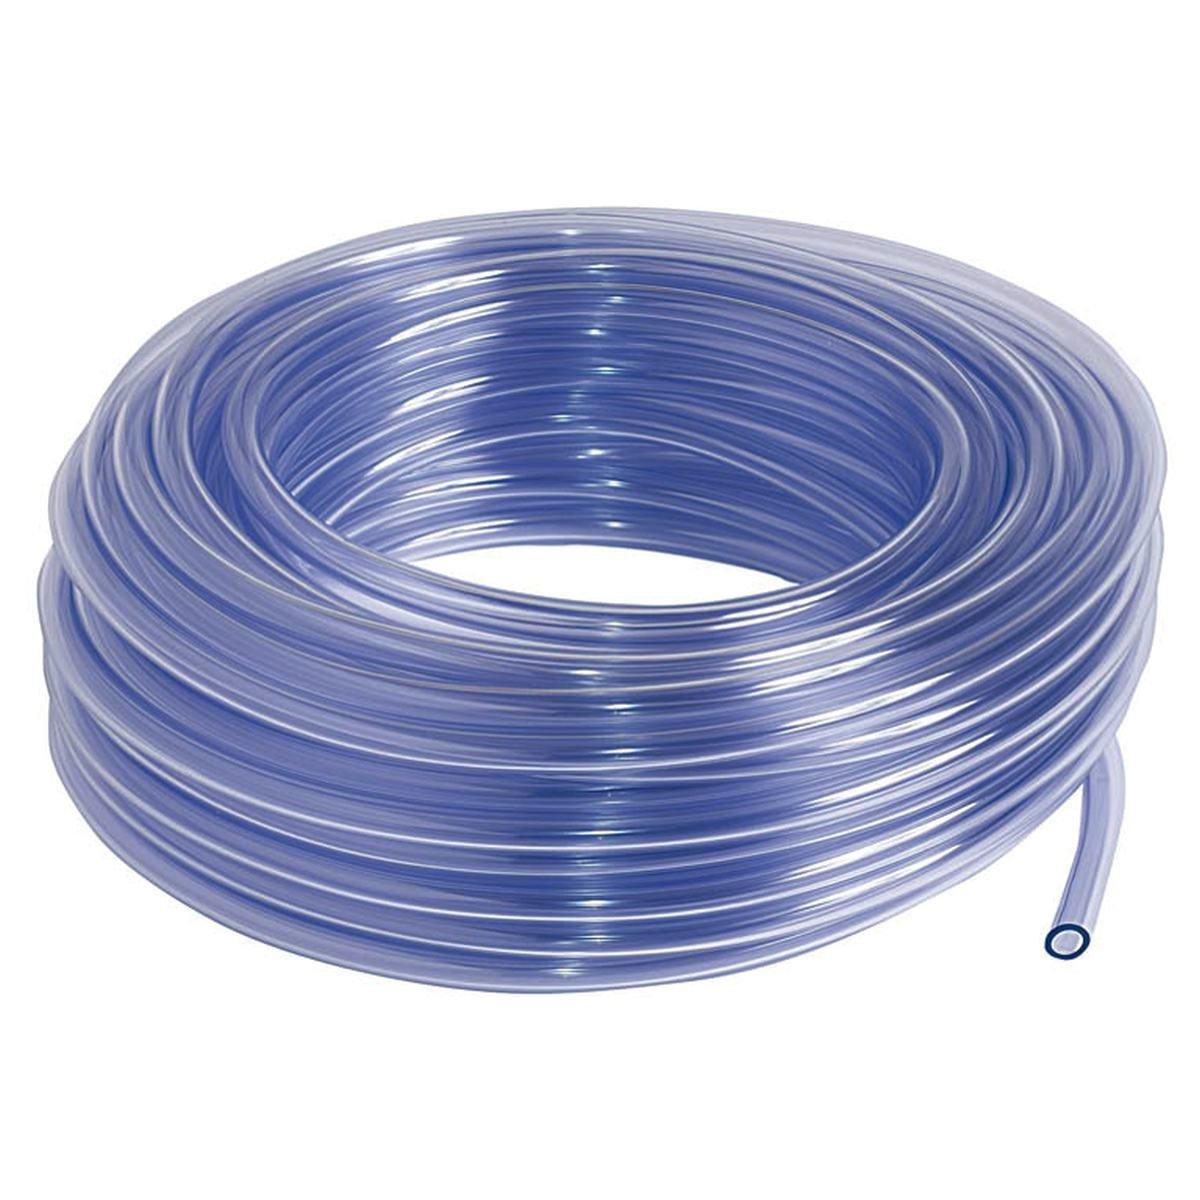 PVC-slange 6 mm indvendig diameter rulle med 25 m